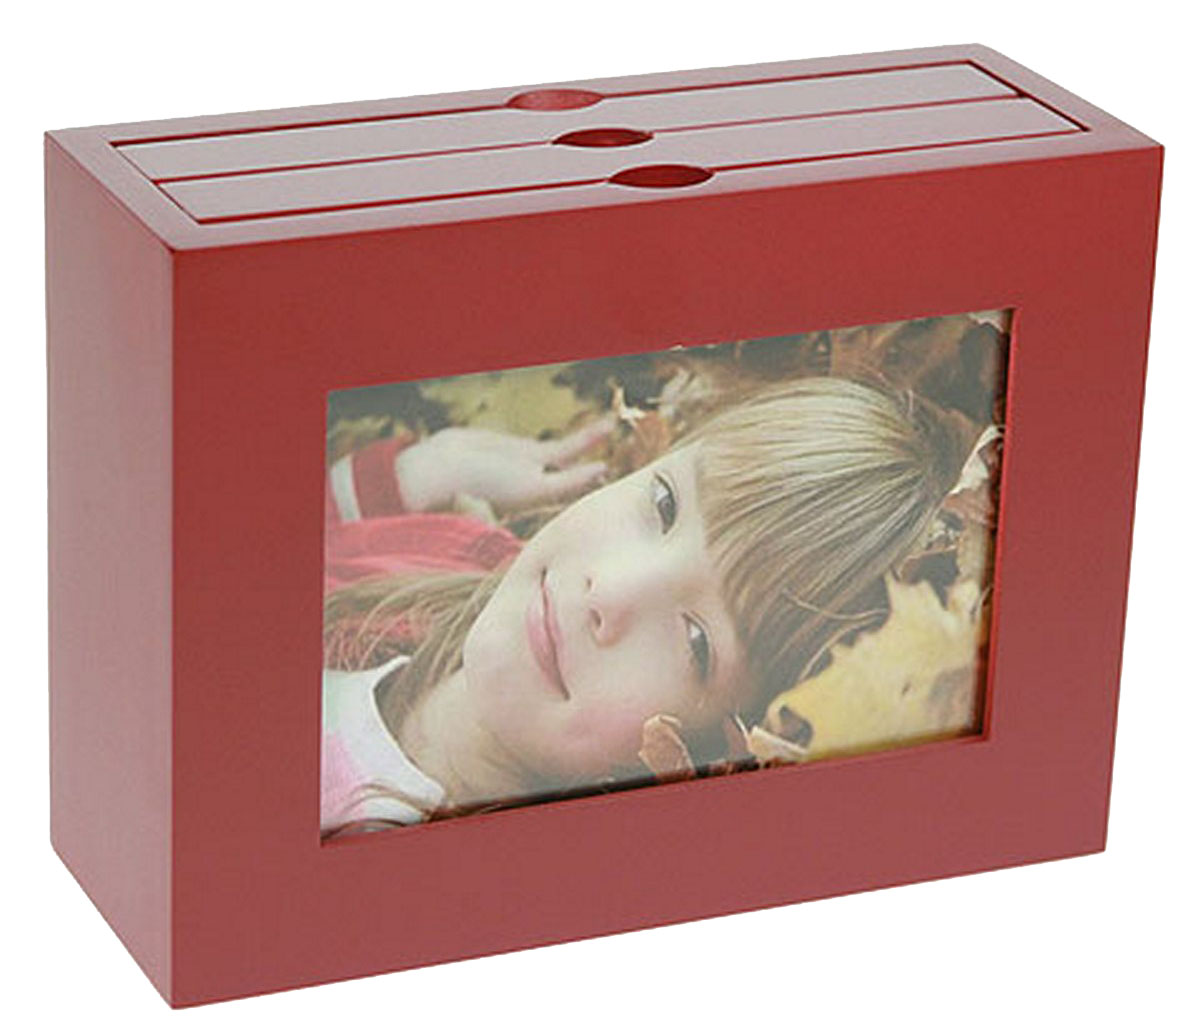 Архивный фотоальбом Moretto, на 48 фото, 10 x 15 см. 138046Брелок для сумкиОригинальный архивный фотоальбом Moretto, рассчитанный на 48 фотографий, выполнен в виде деревянного бокса. Бокс содержит 2 альбома, каждый из которых рассчитан на 24 фотографии форматом 10 х 15 см, а также имеет отверстие для центральной фотографии.Такой архивный альбом станет достойным украшением вашего интерьера и будет уникальным подарком вашим друзьям.